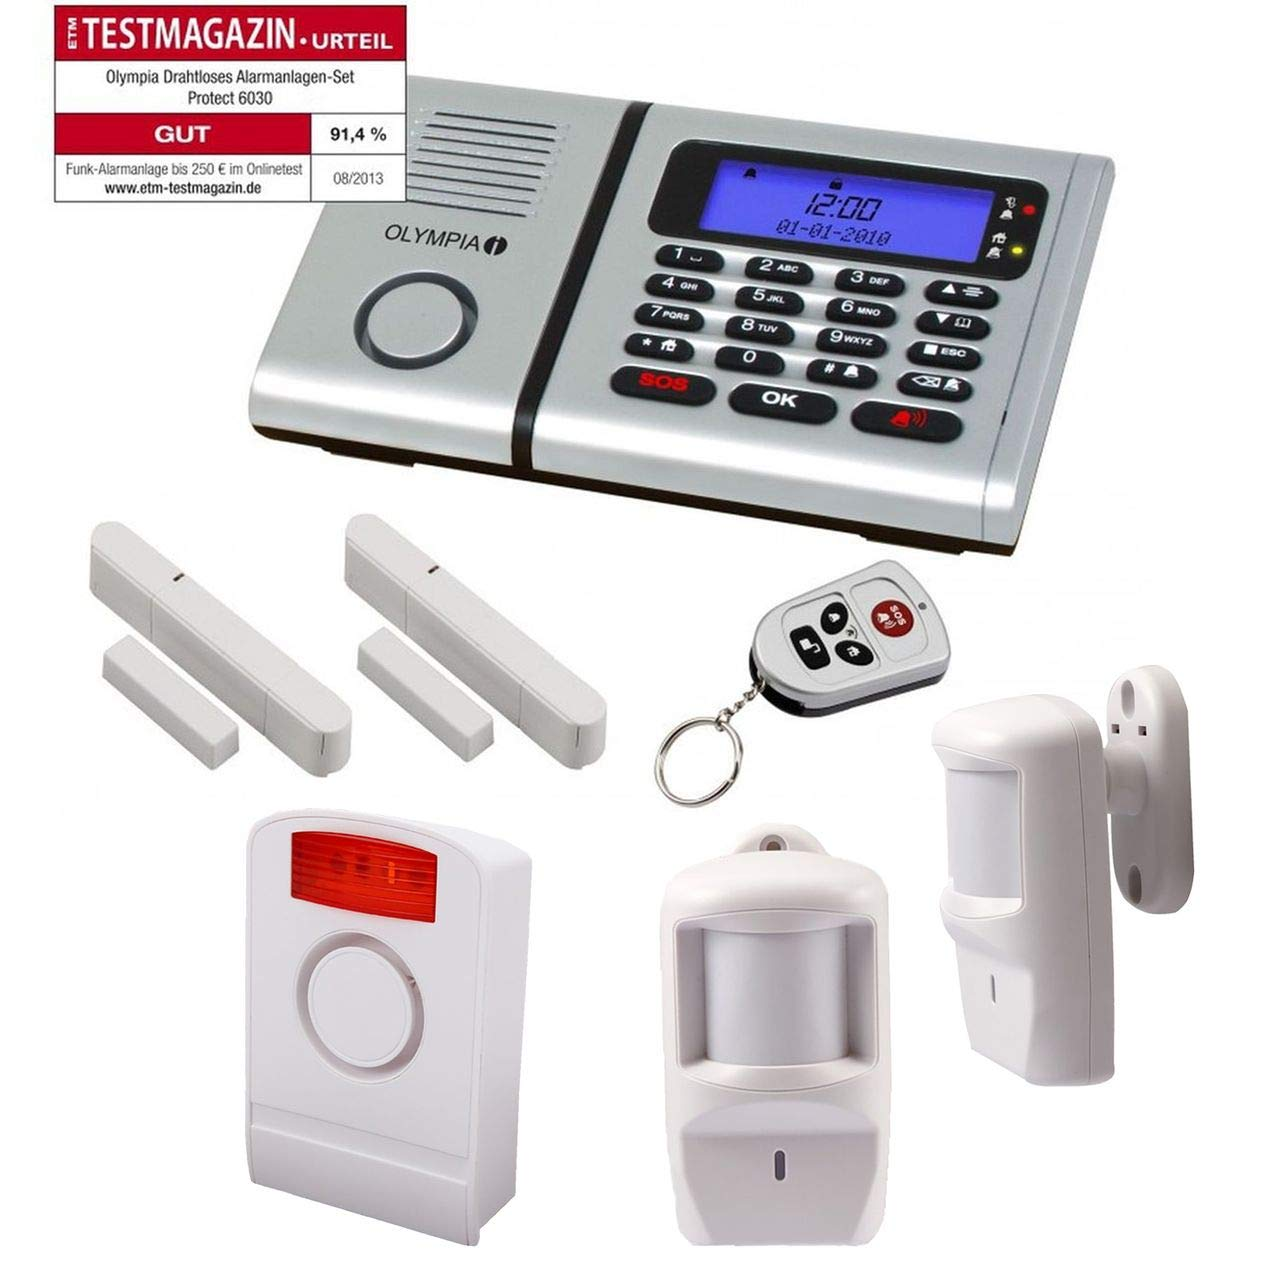 Sistema de alarma con 2 sensores de movimiento Olympia 6030